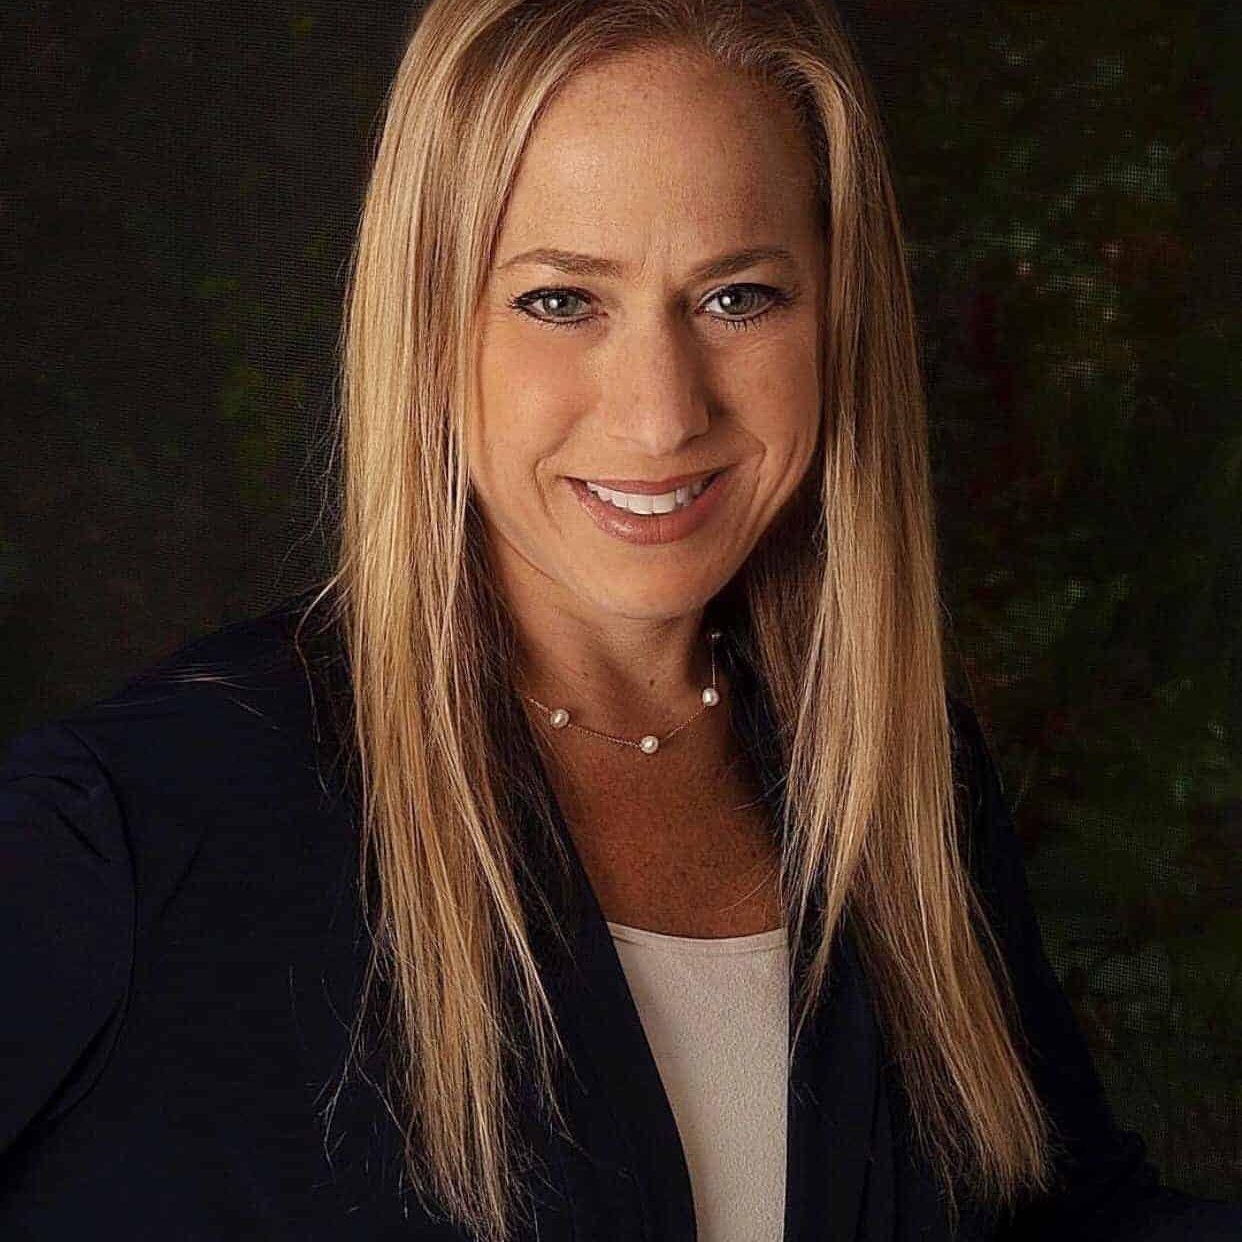 Julie Lurie